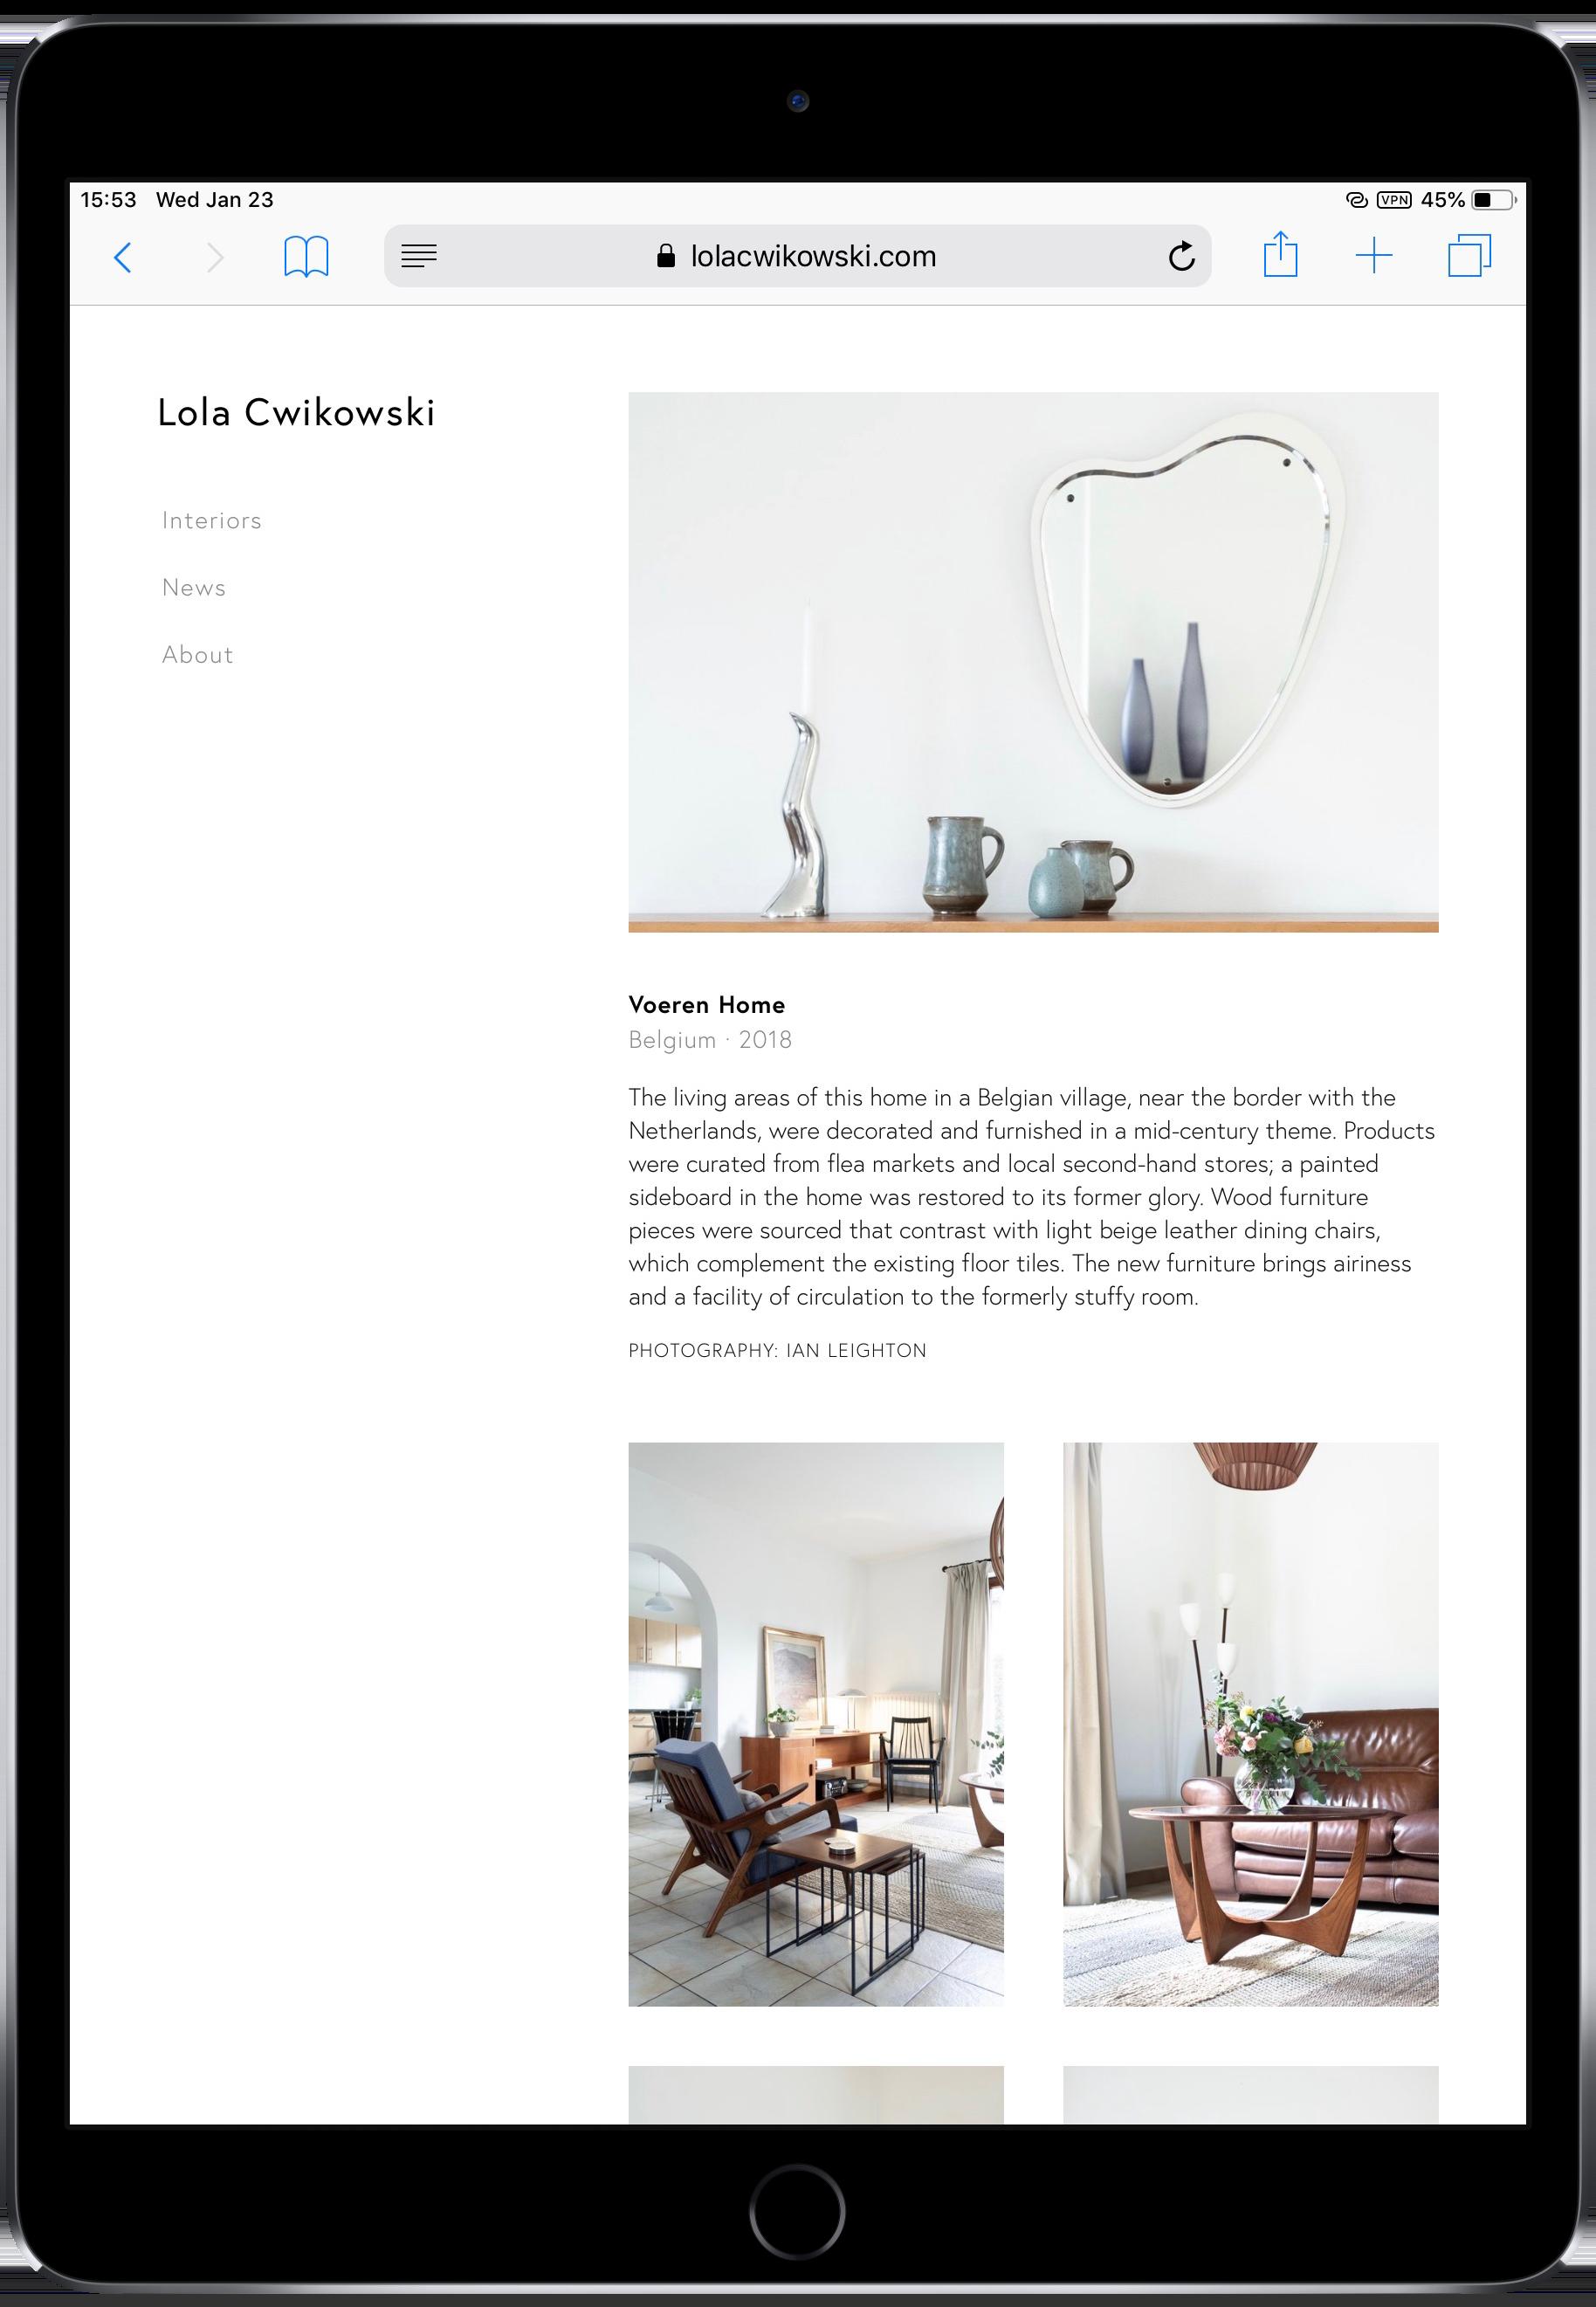 Screen capture of Lola Cwikowski Interior Design Studio website, Voeren Home project